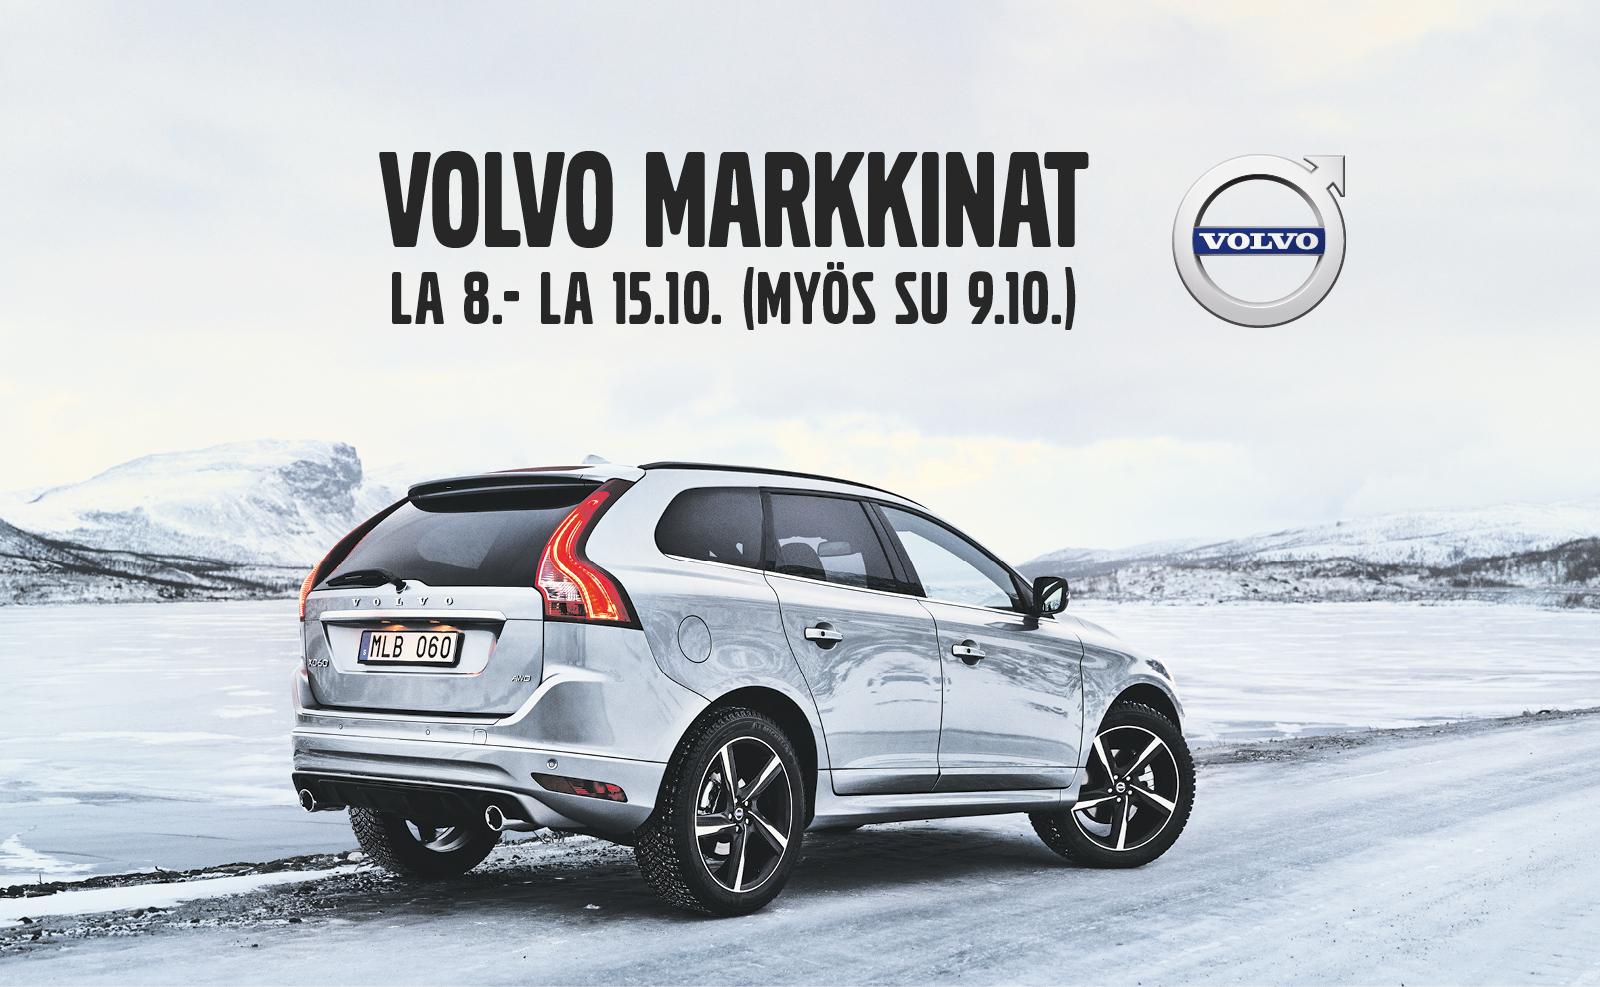 Volvomarkkinat 081016